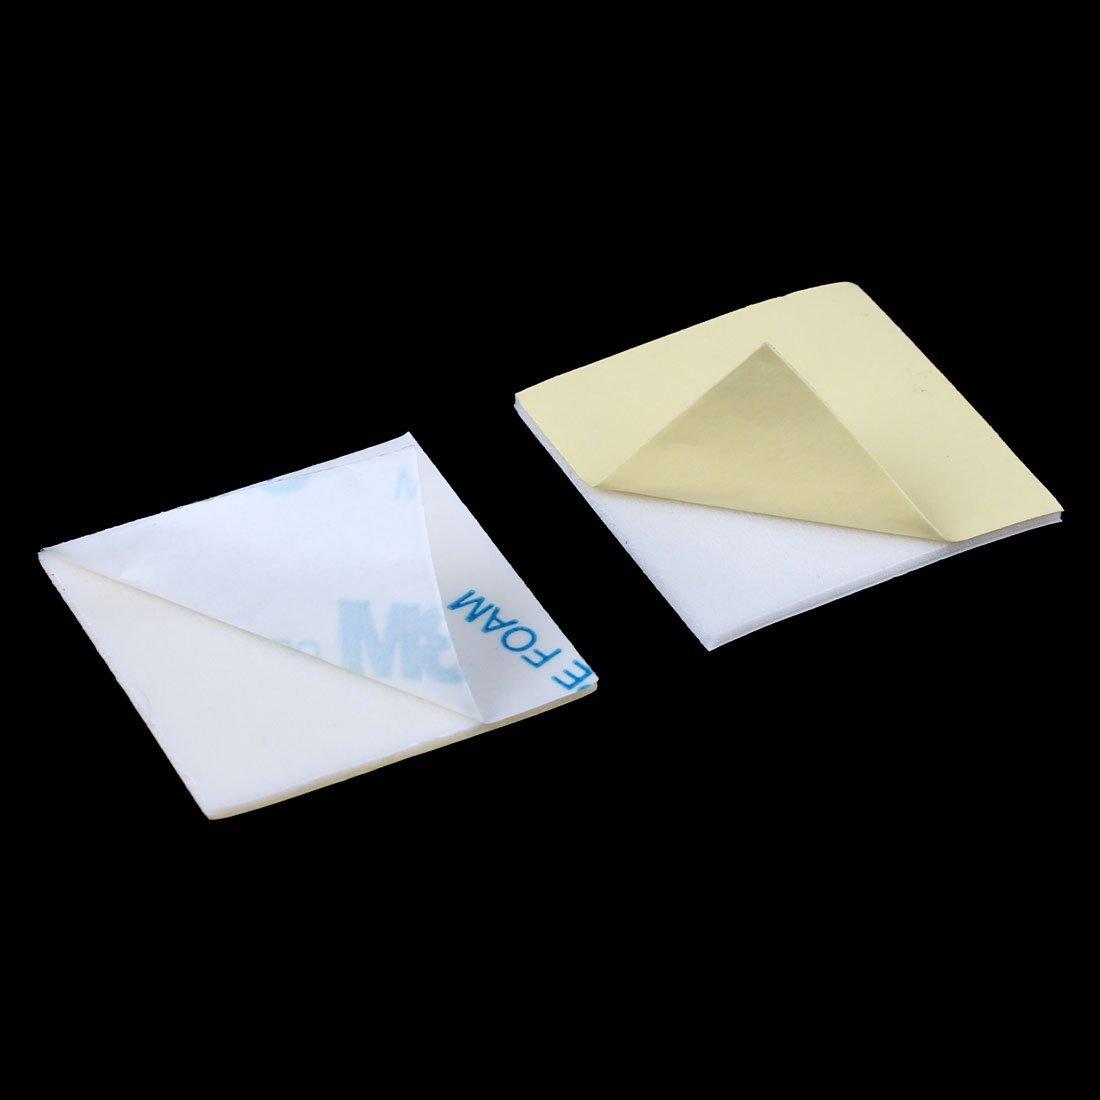 Amazon.com: eDealMax Cocina abrigo del alimento del papel de aluminio Dispensador estante de especia-montaje de la pared de papel sostenedor de la toalla ...